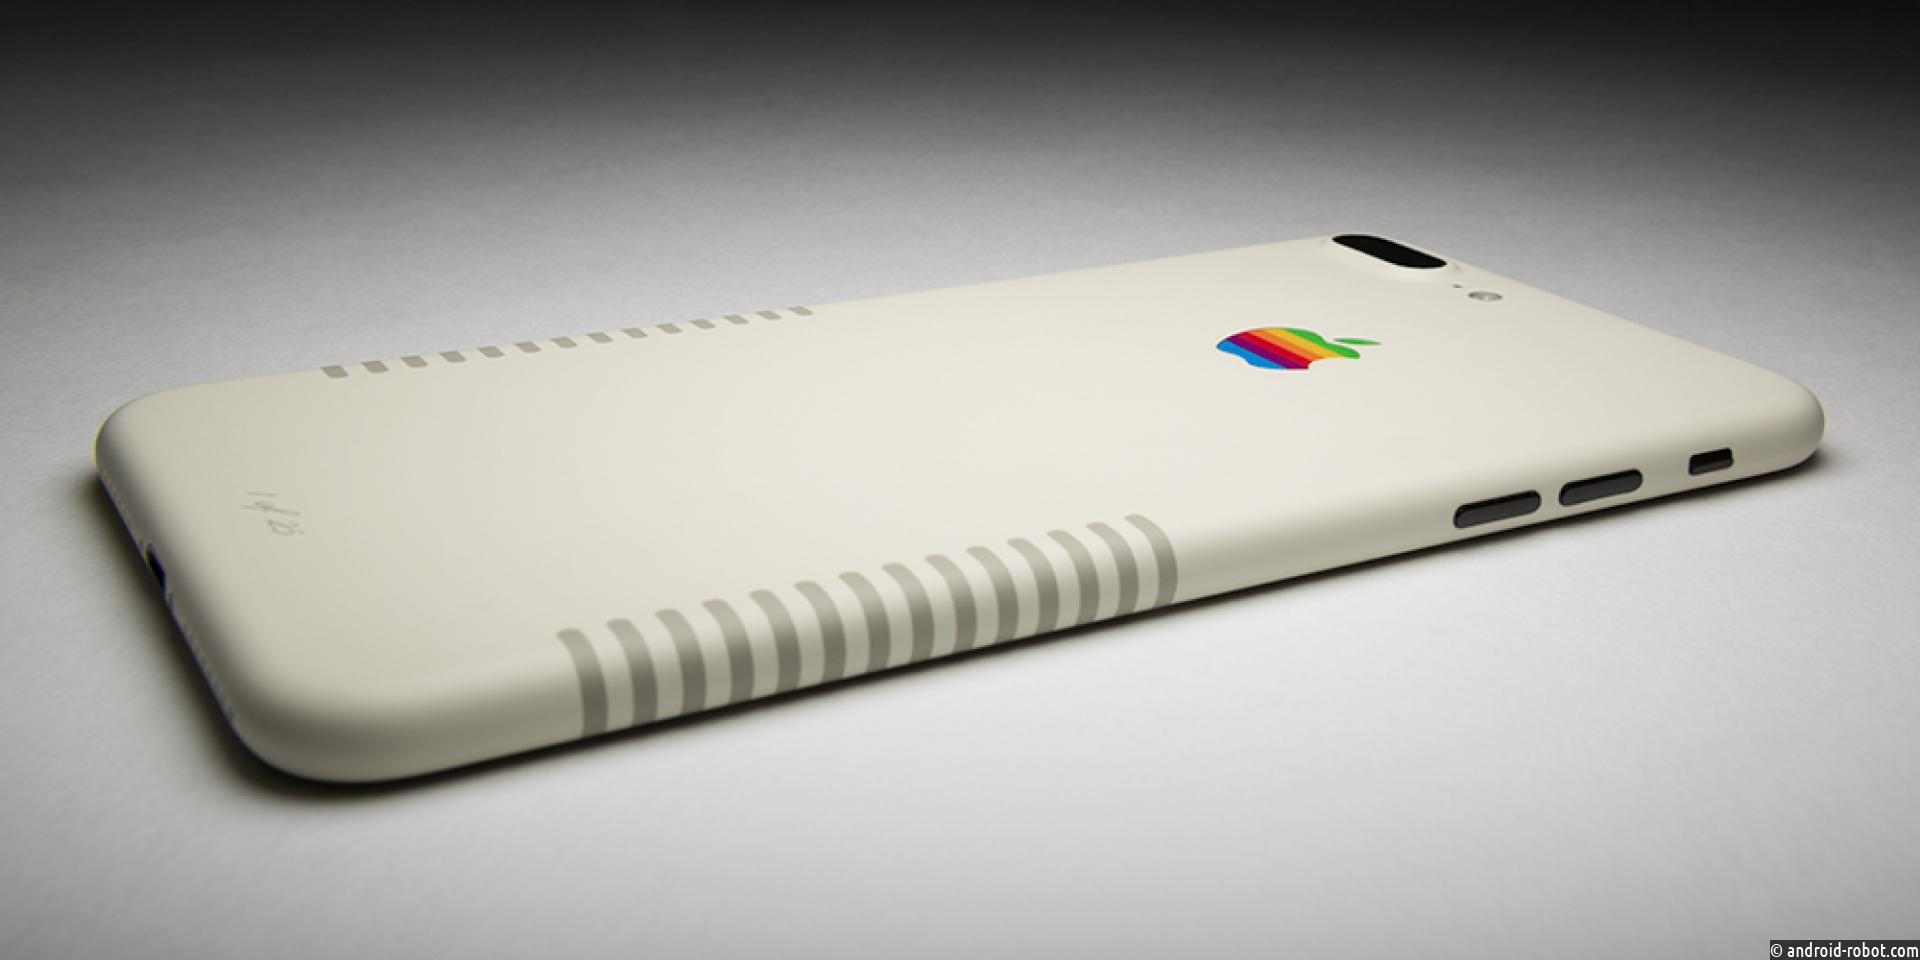 ColorWare предлагает смартфон iPhone 7+ Retro, раскрашенный встиле старыхПК Macintosh